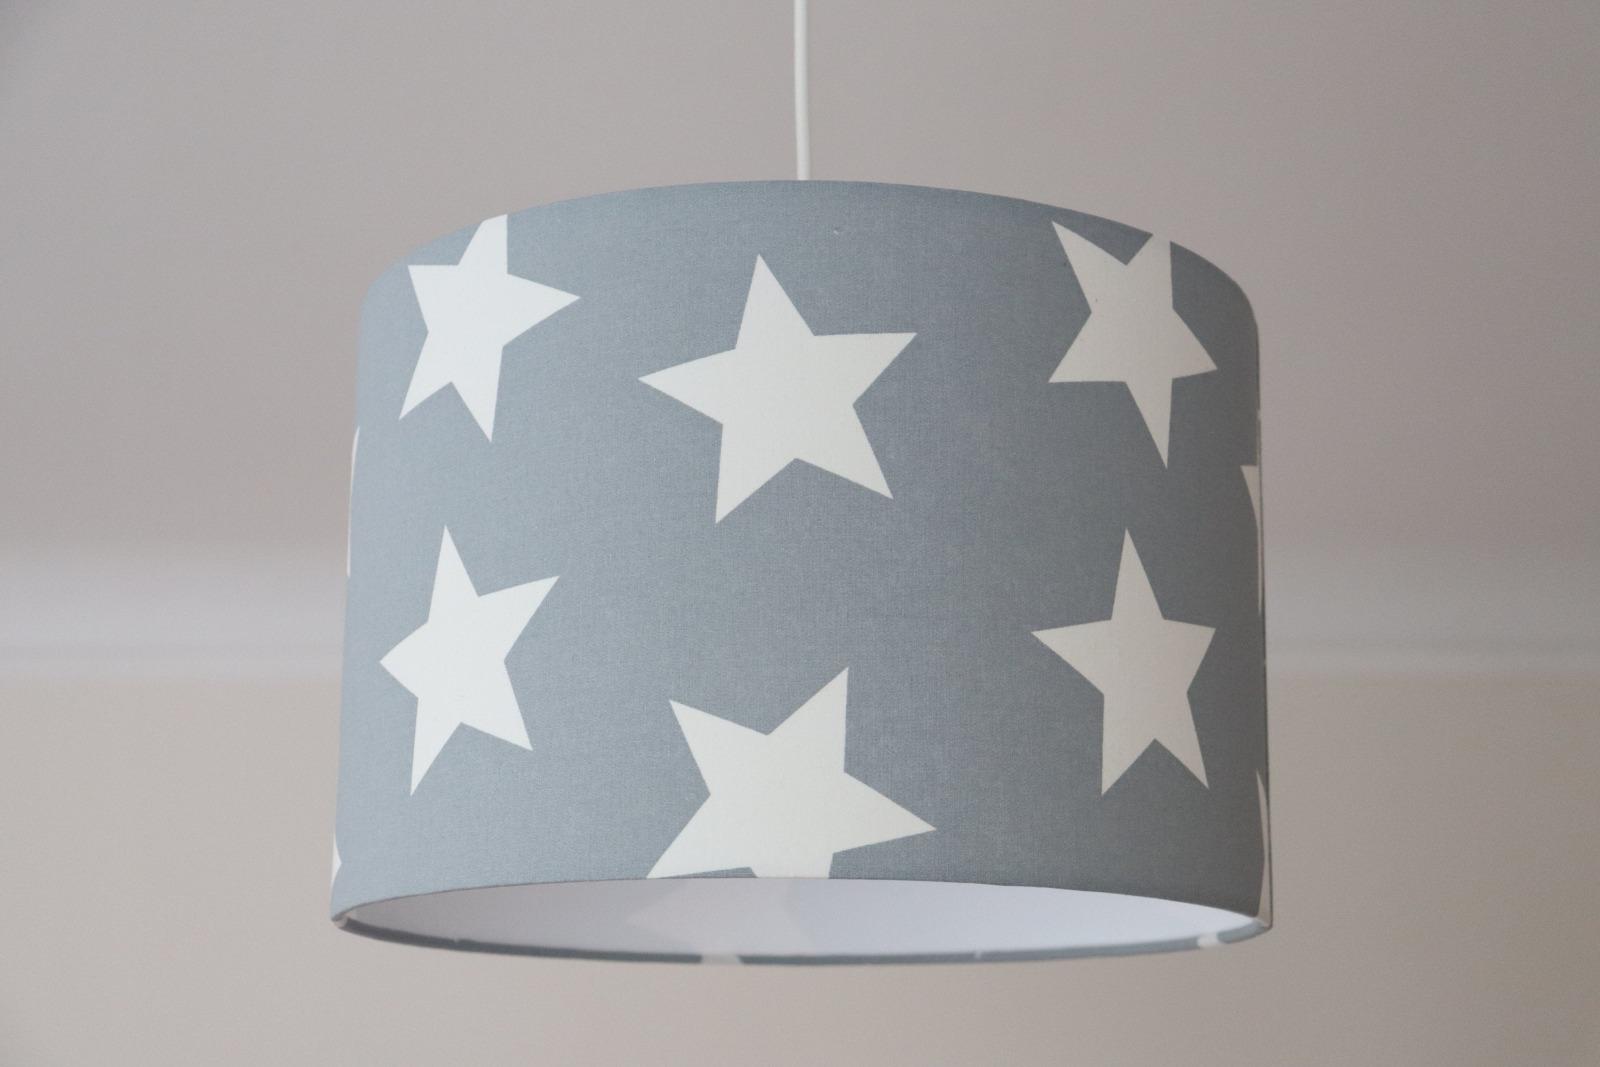 Lampenschirm Sterne, Wohnzimmer, Lampe Kinderzimmer grau, Kinderlampe,  Kinderzimmerlampe